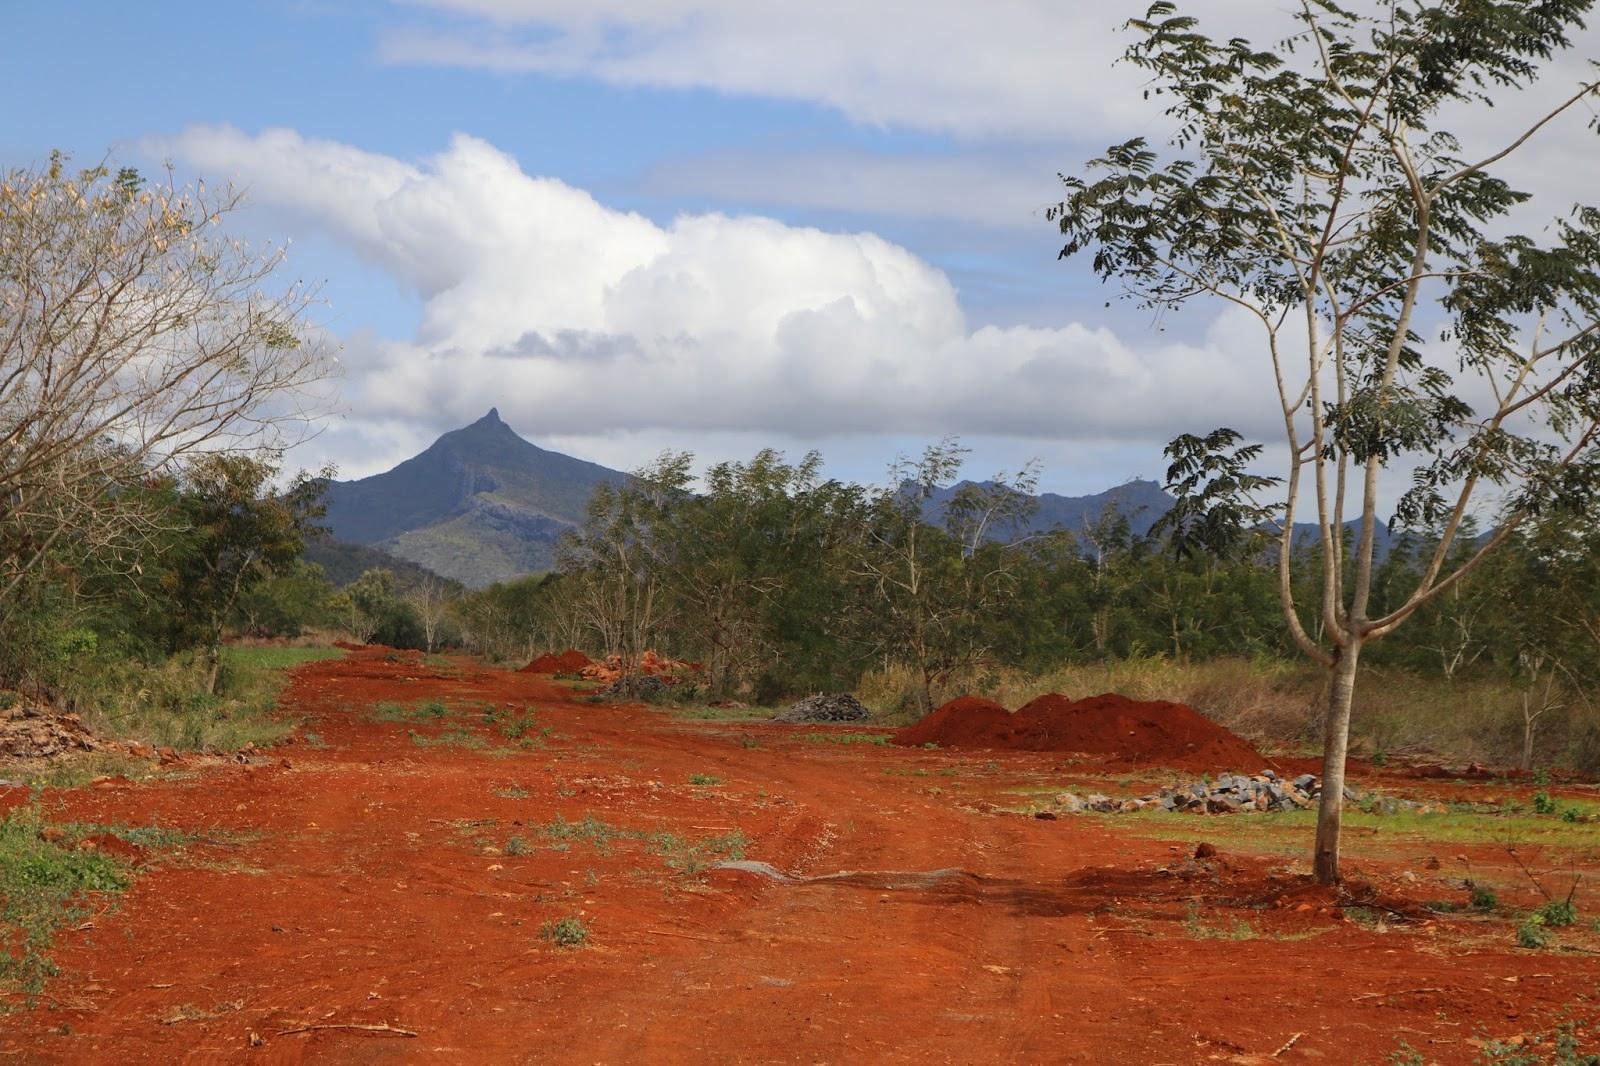 Balaclava Mauritius